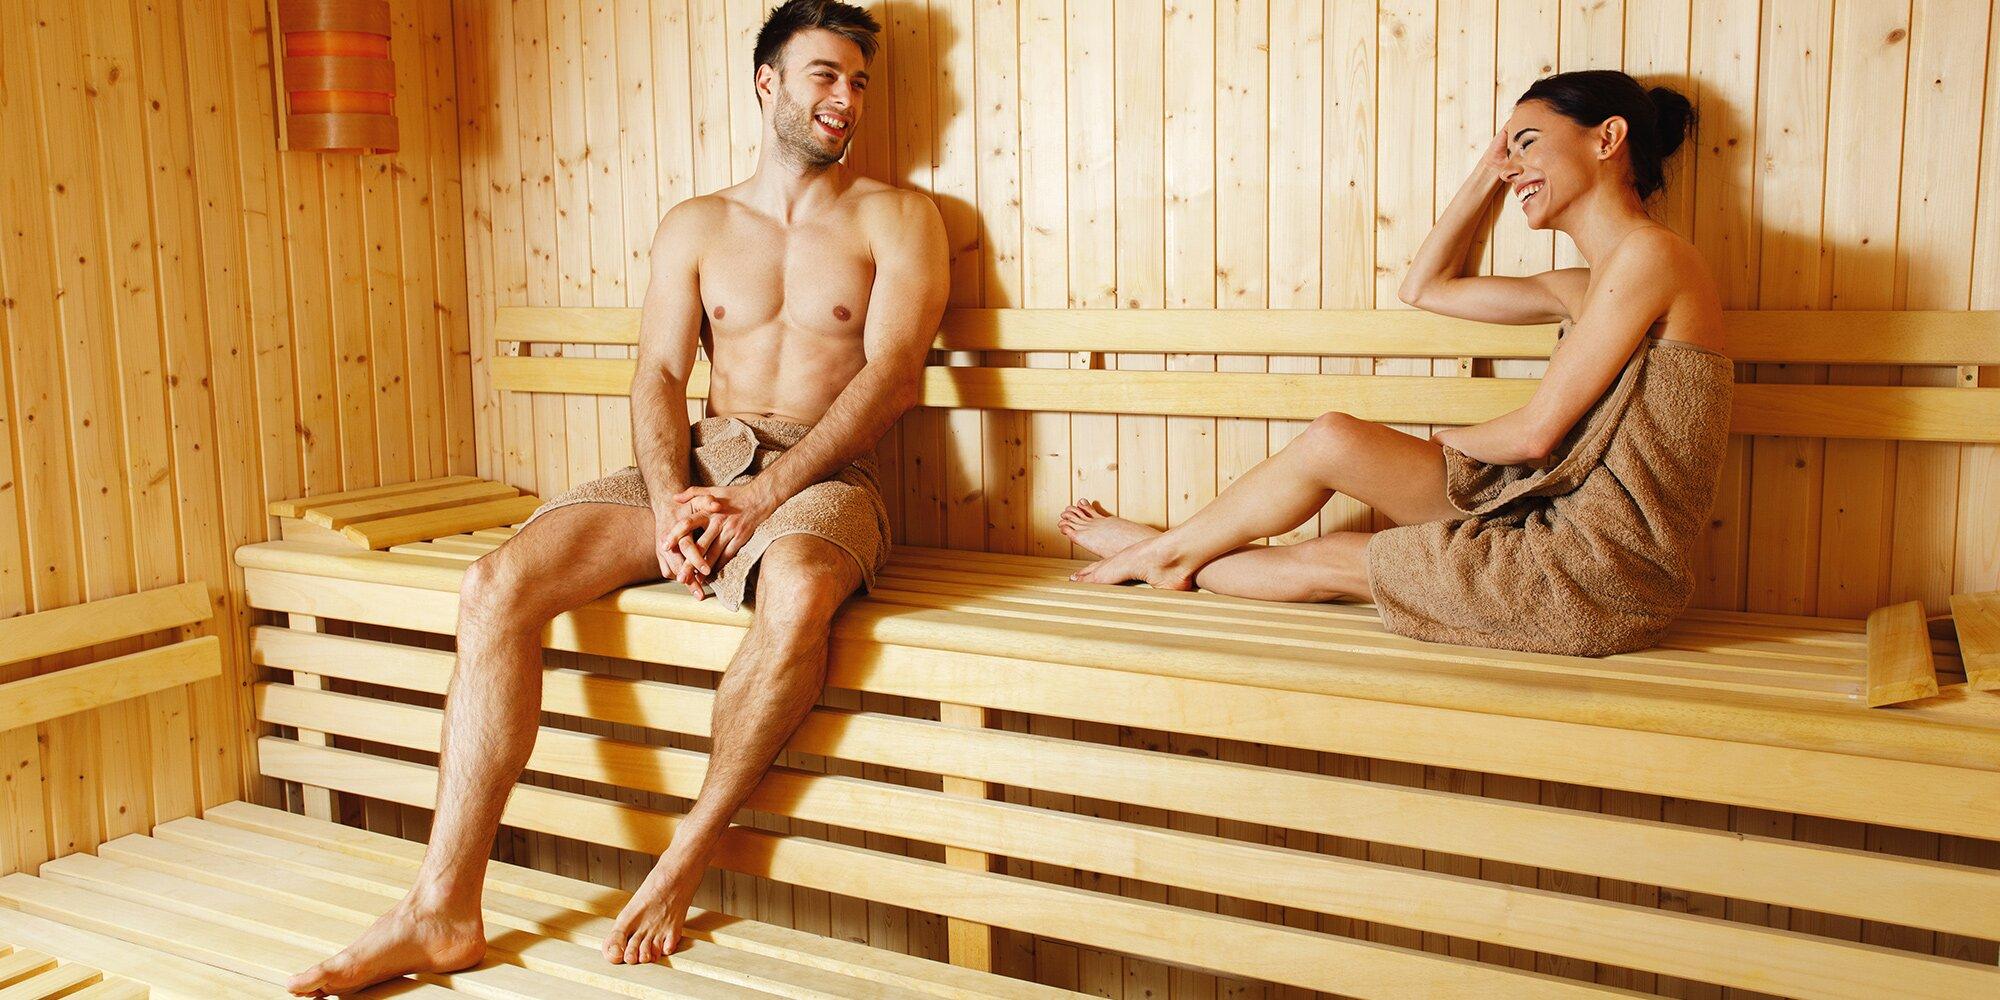 Секс зрелых в сауне фото, В сауне со зрелыми шлюхами - 16 фото домашнее 31 фотография